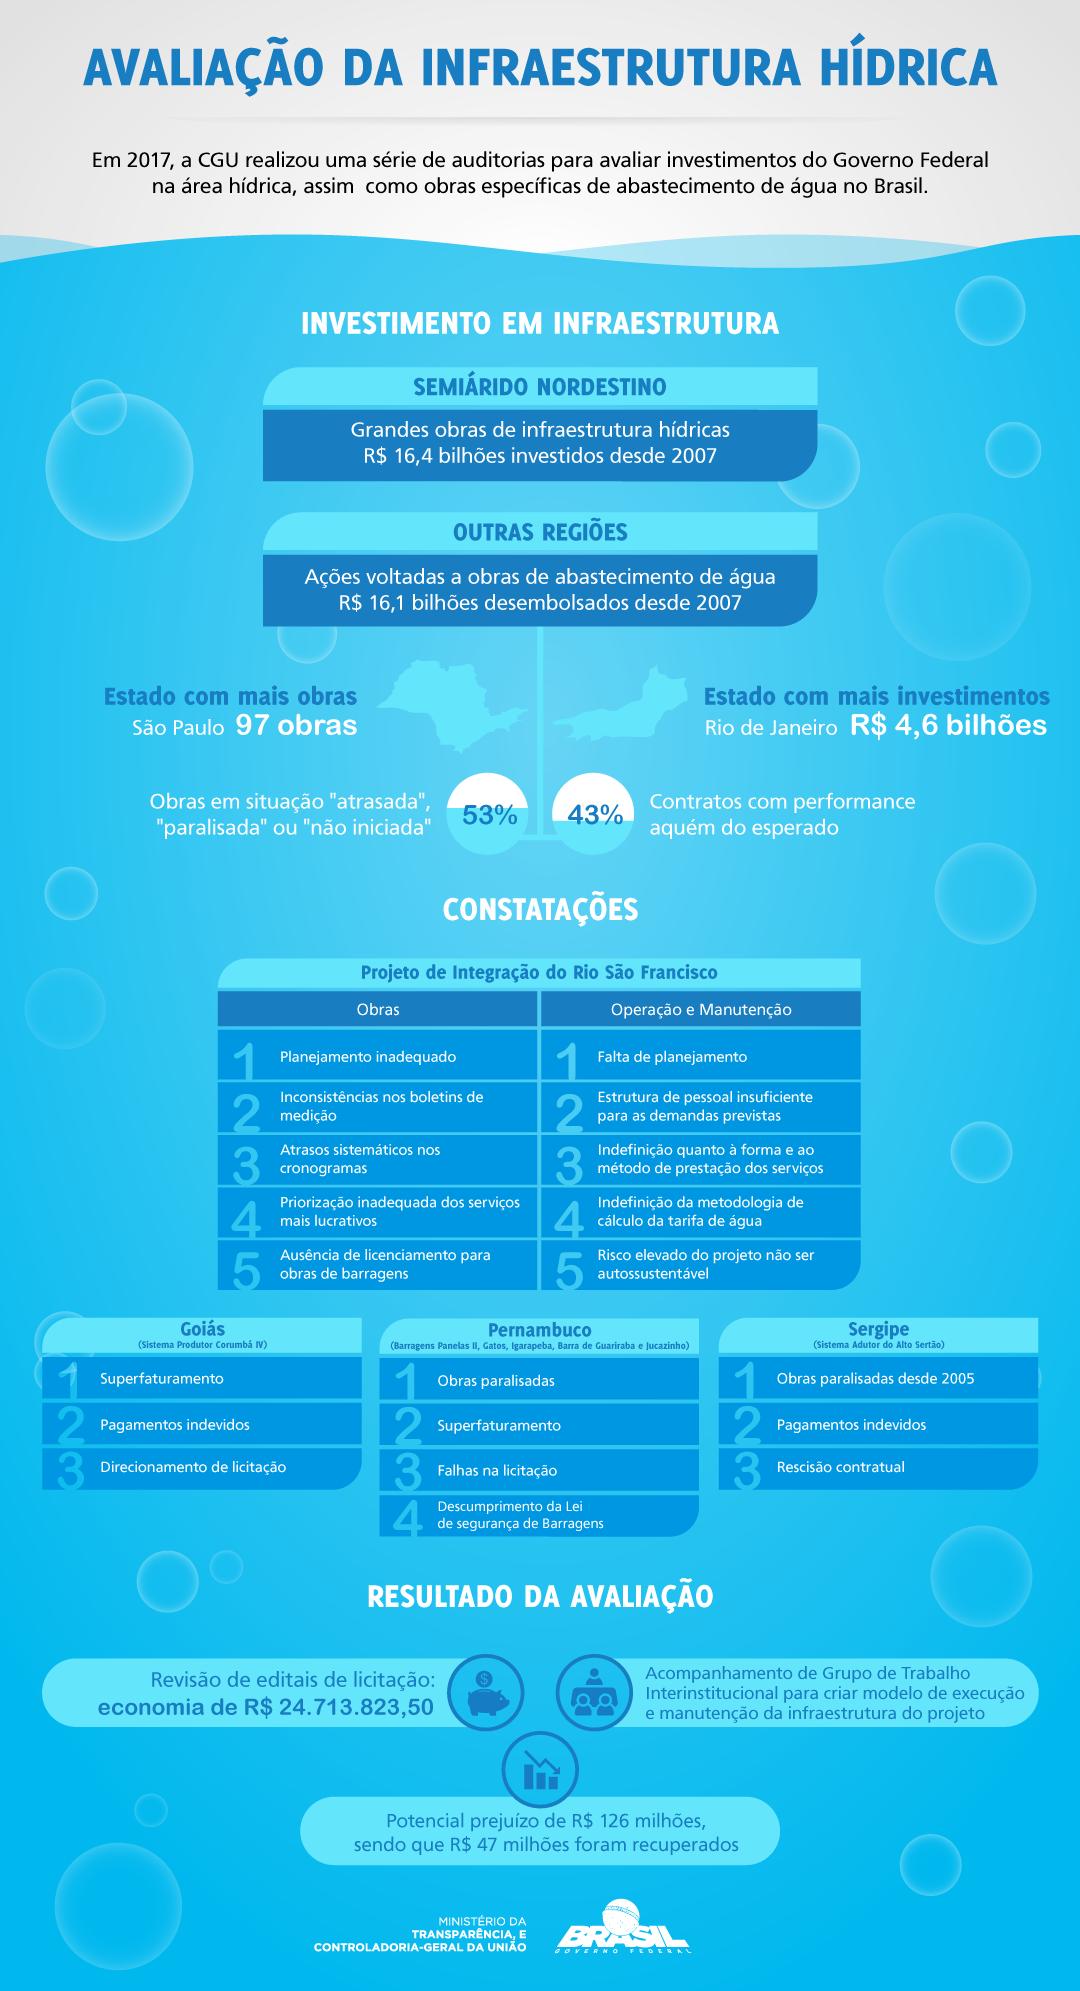 Infográfico Avaliação da Infraestrutura Hídrica